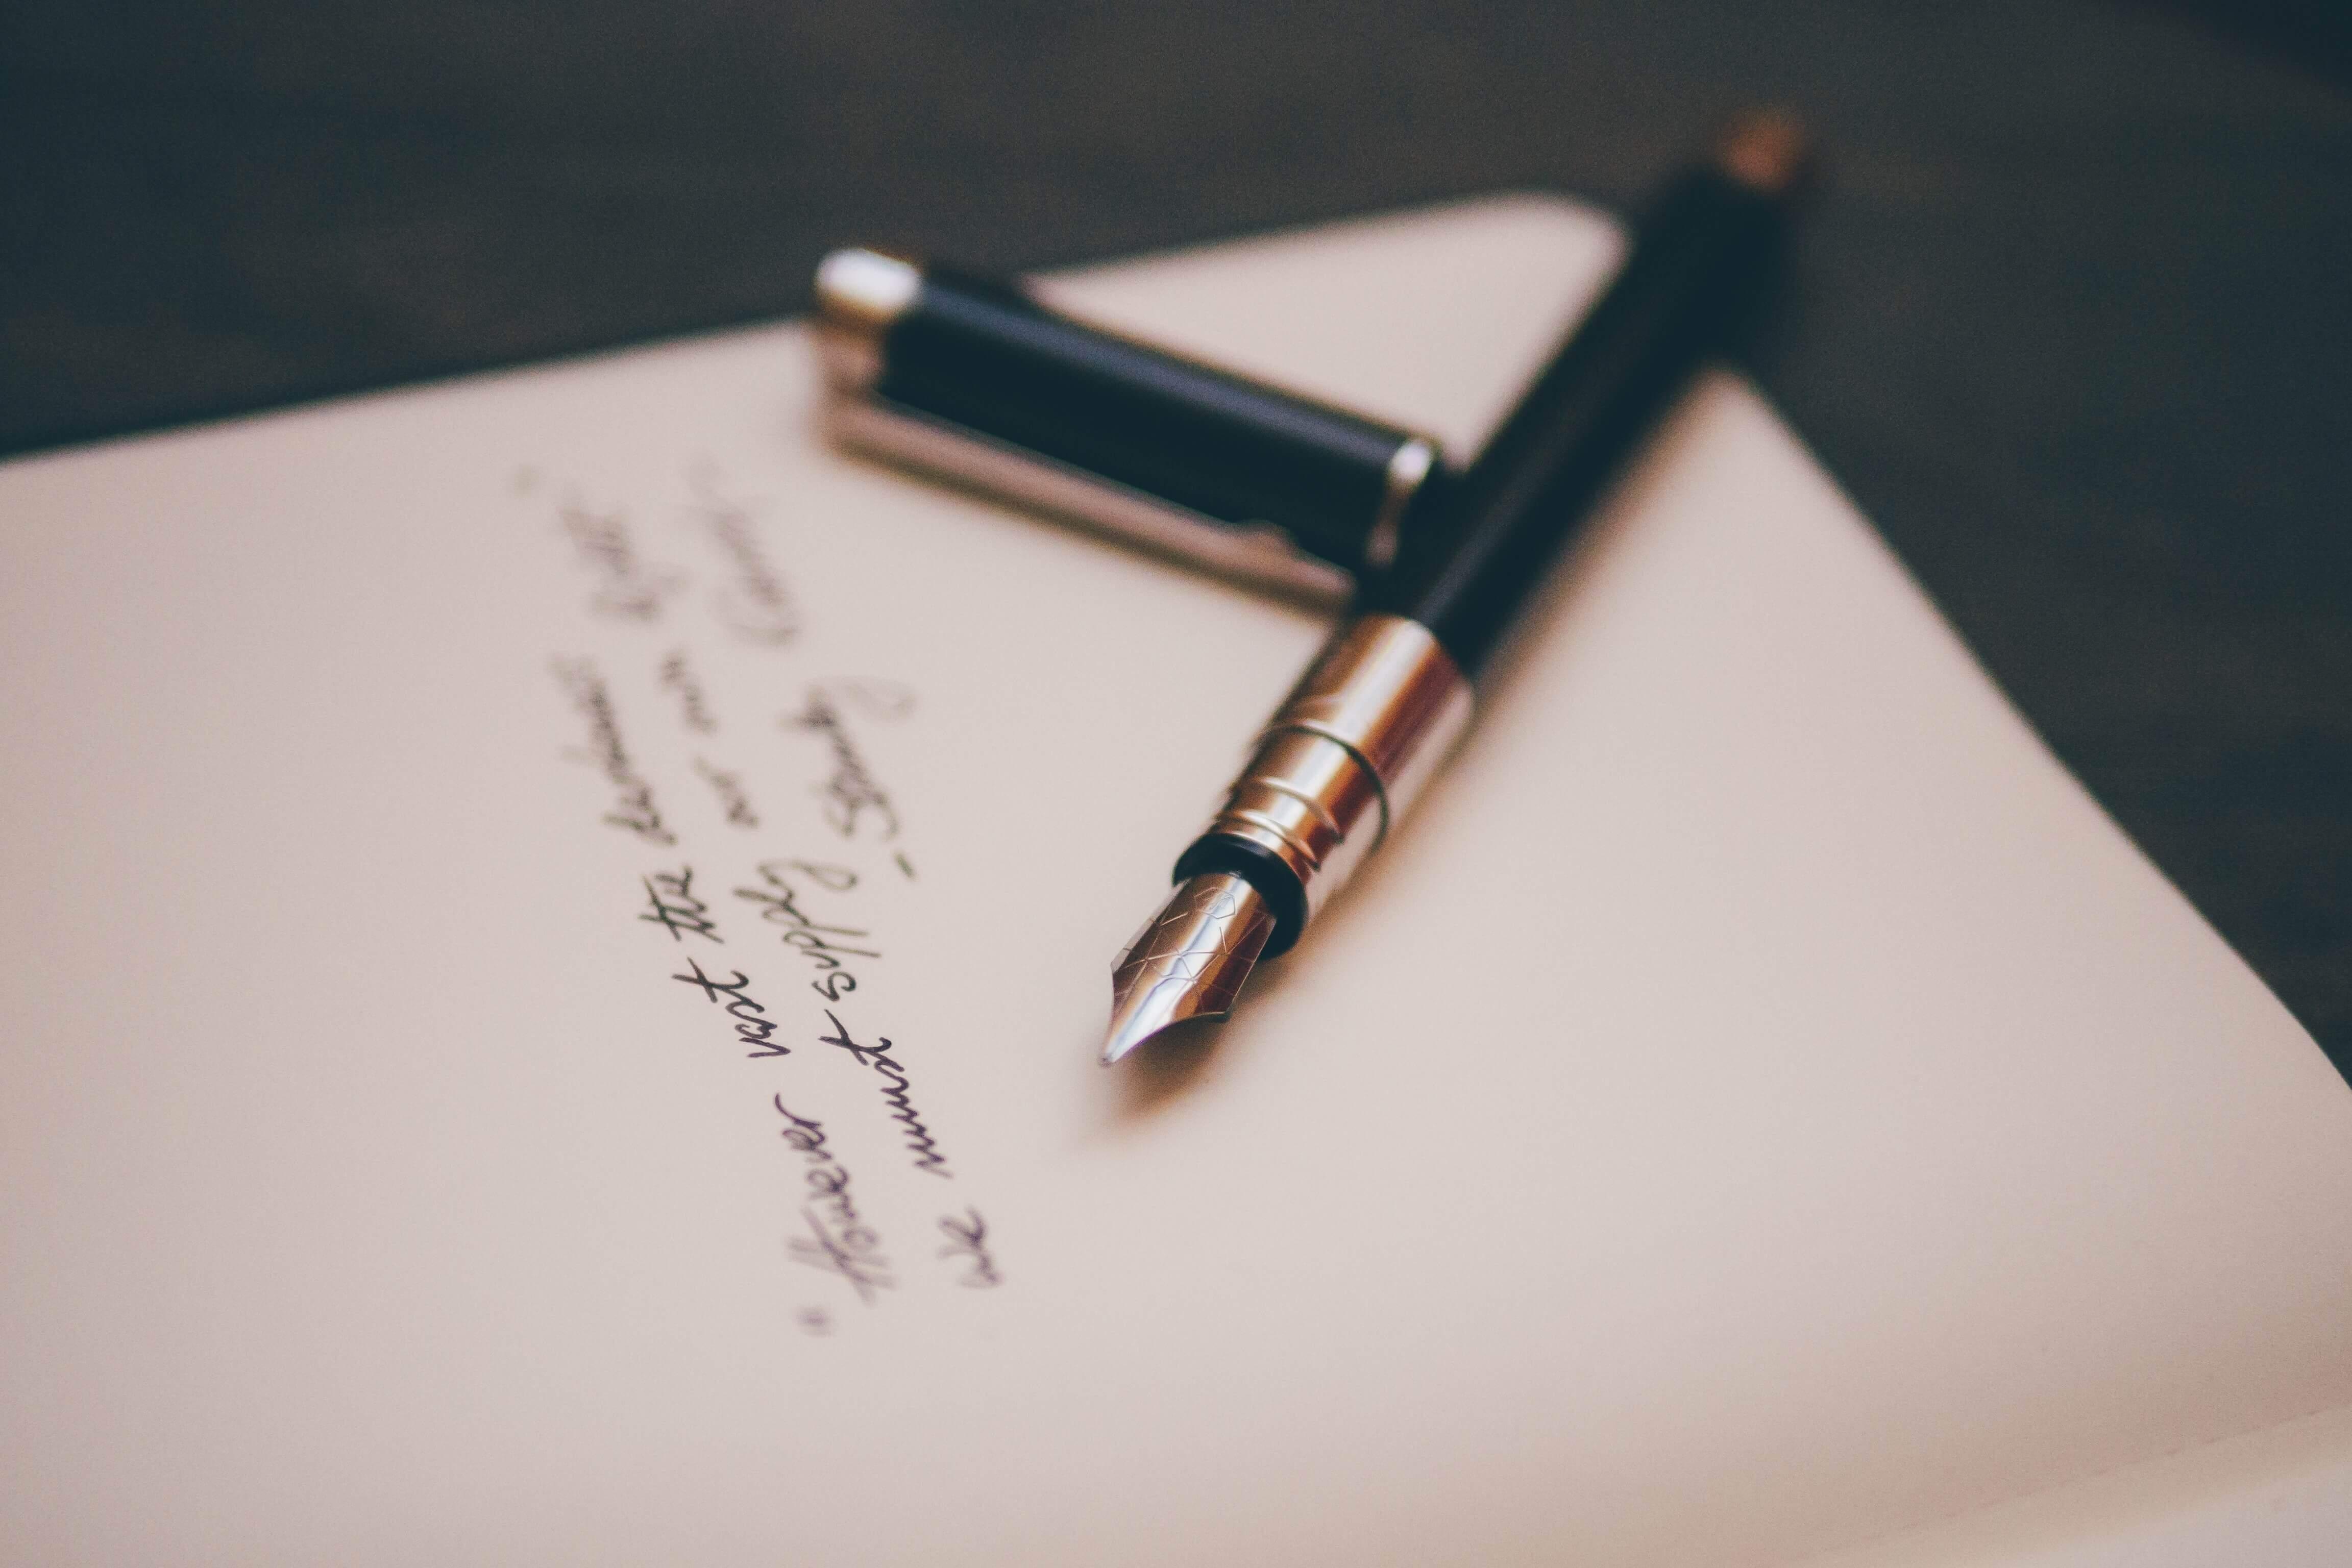 Wat zegt jouw handschrift over jouw persoonlijkheid?